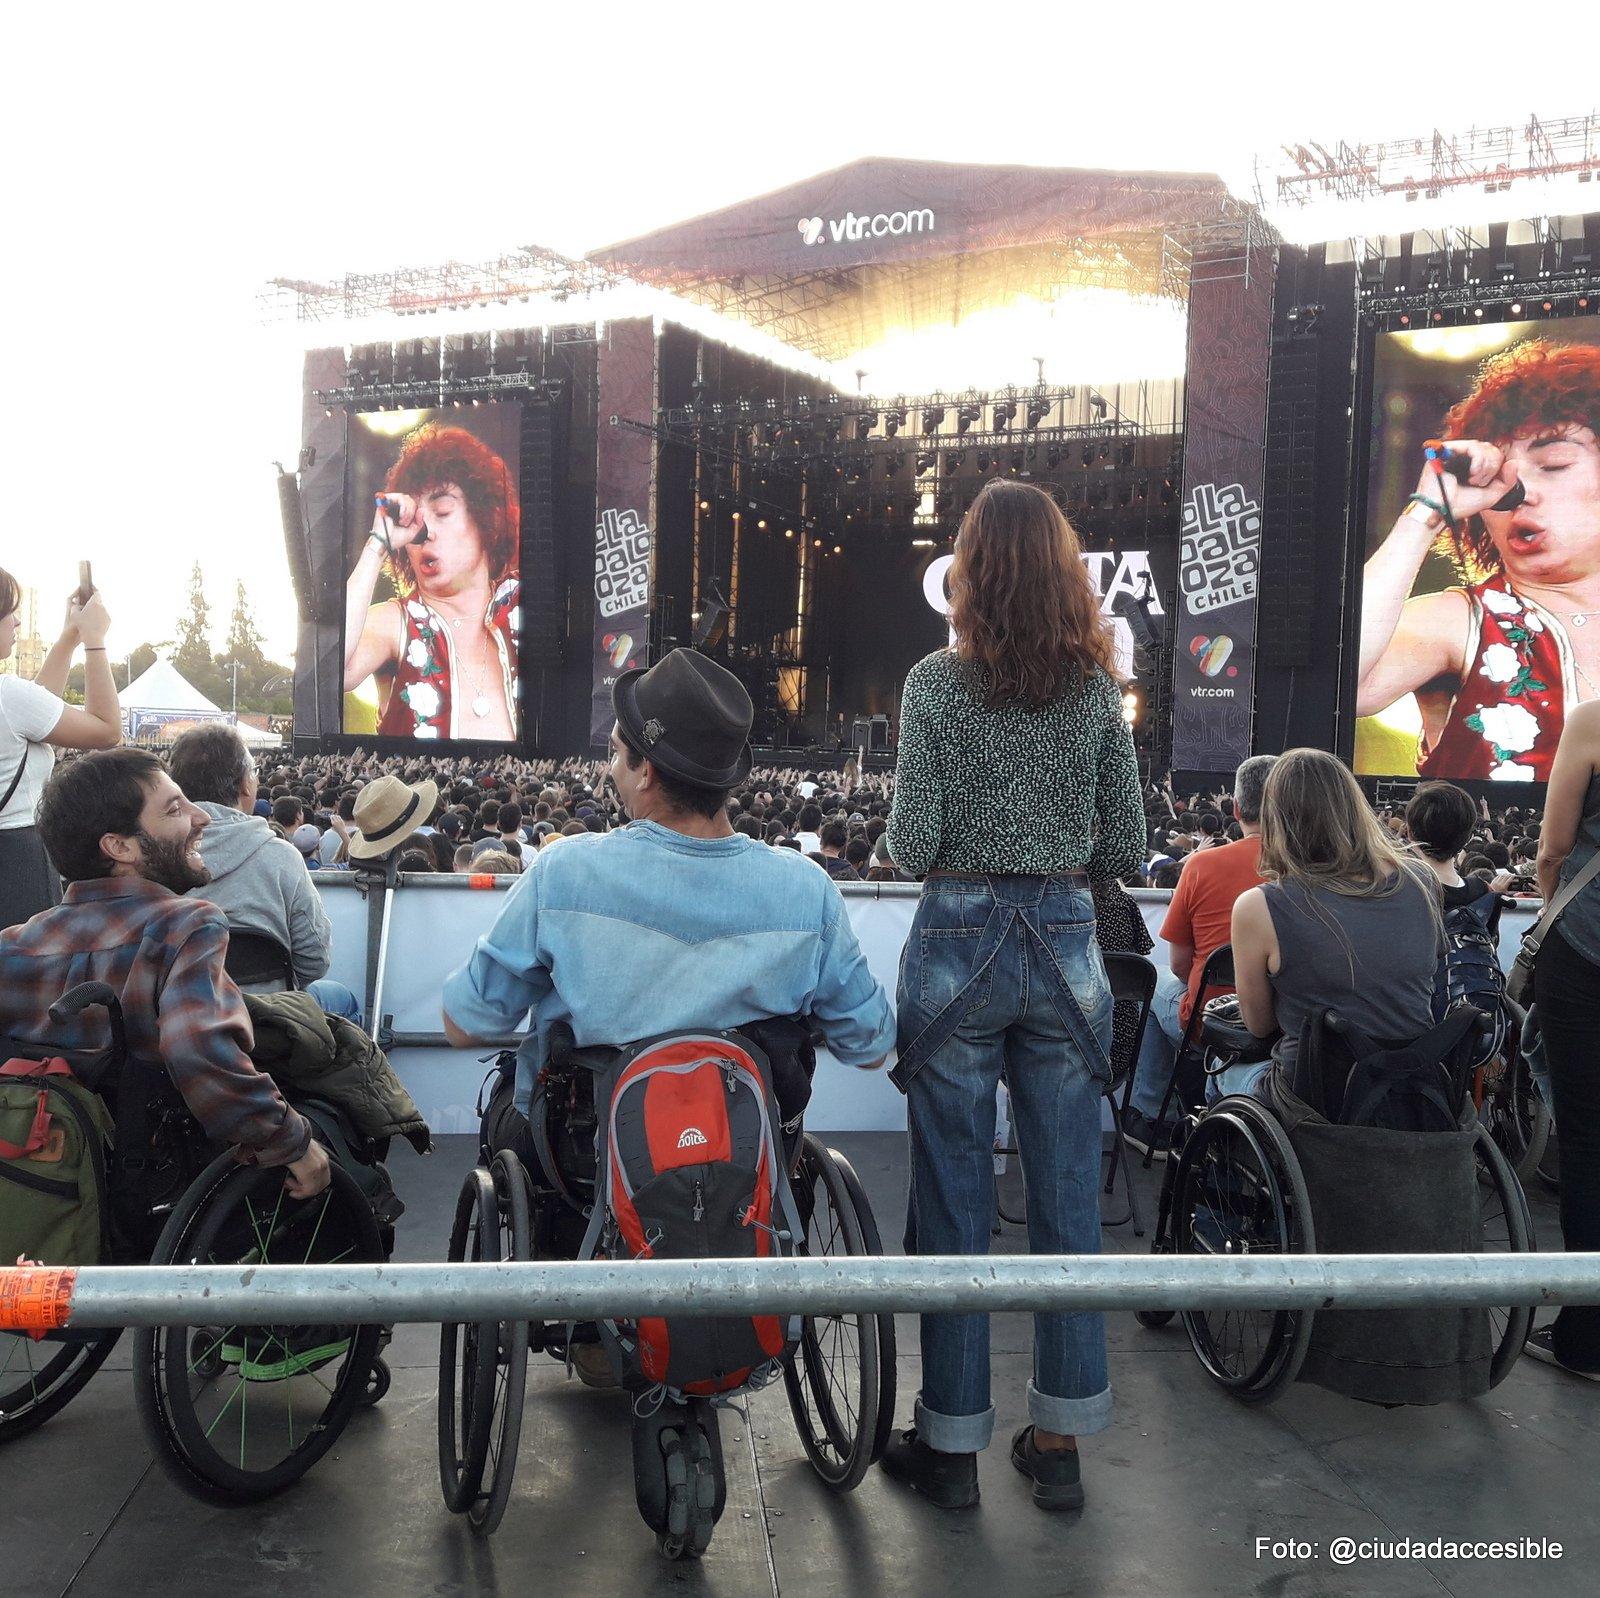 sectores elevados para espectadores en silla de ruedas con vista al escenario